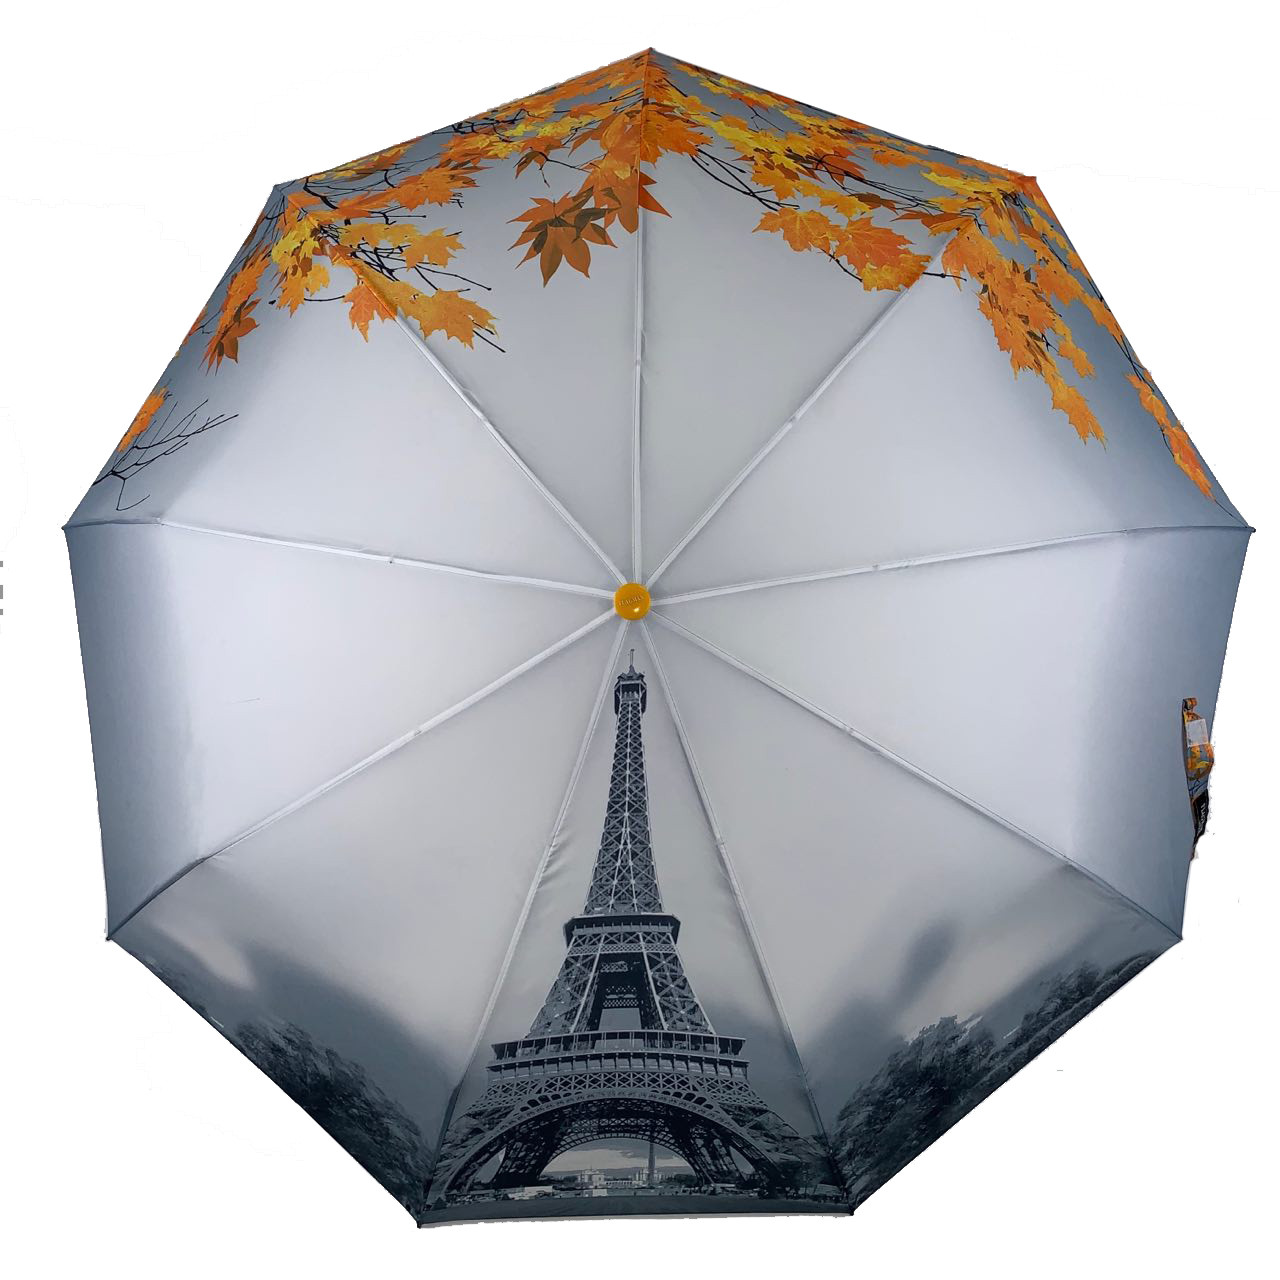 Женский автоматический зонт Flagman с Эйфелевой башней в подарочной упаковке, желтая ручка, 545-4